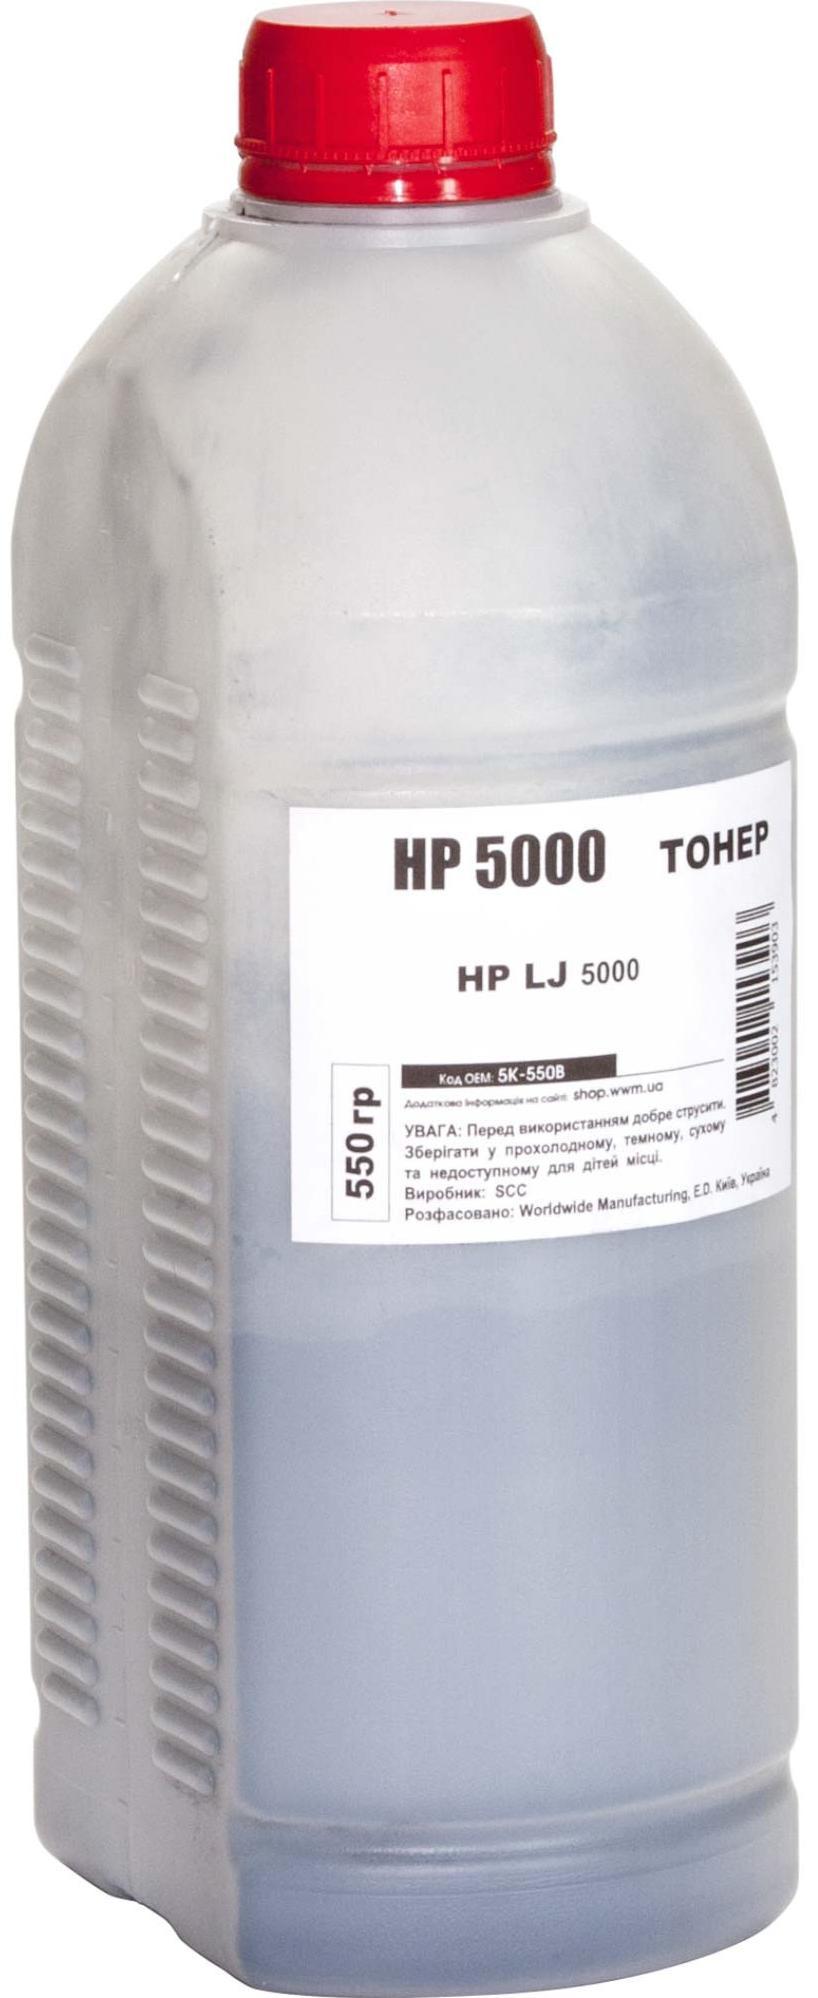 Купить Тонер SCC for HP LJ 5000 Black бутль 550g, 5K-550B, Static Control